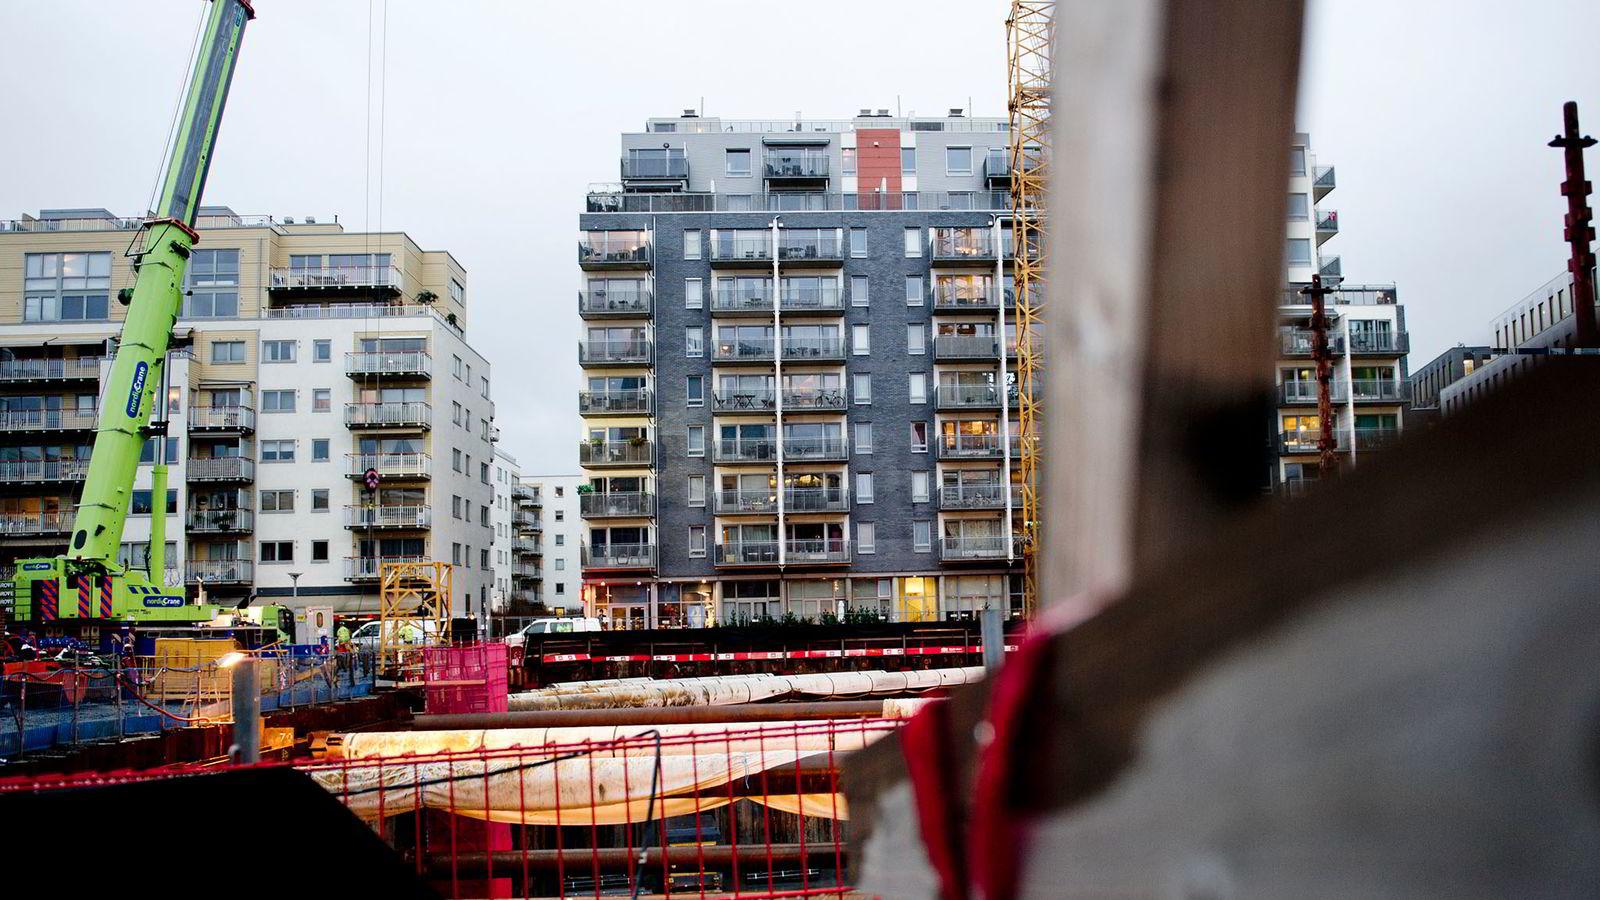 FLERE SOSIALBOLIGER: Bydelen Gamle Oslo, der bildet er tatt, får klart flest av de 617 nye sosialboligene som Oslo ønsker å kjøpe av Obos.